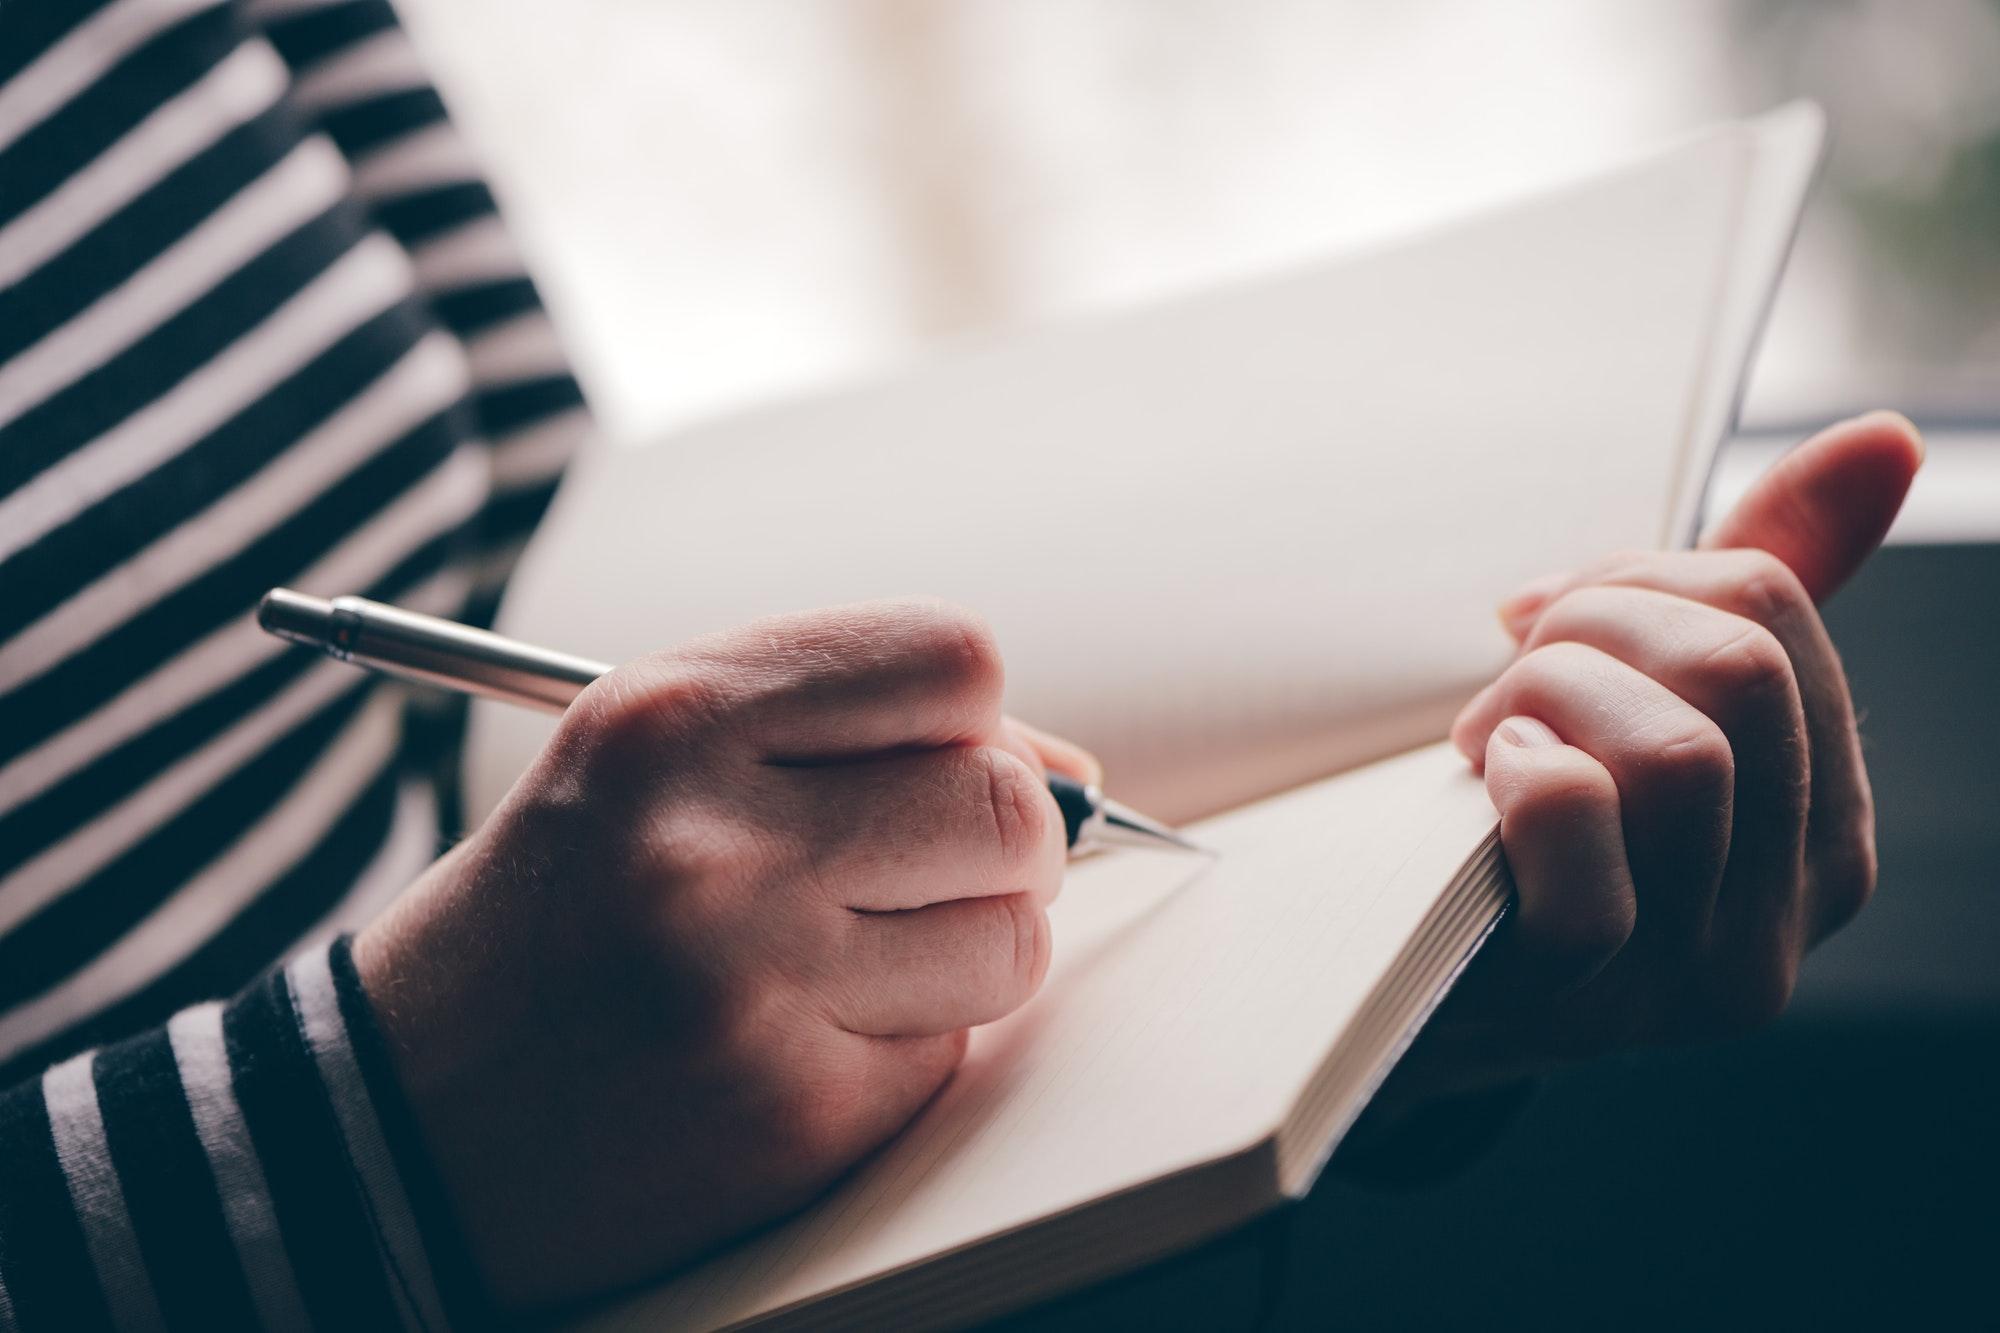 日記を、○年、○十年も続けている、という自分になりたかった。